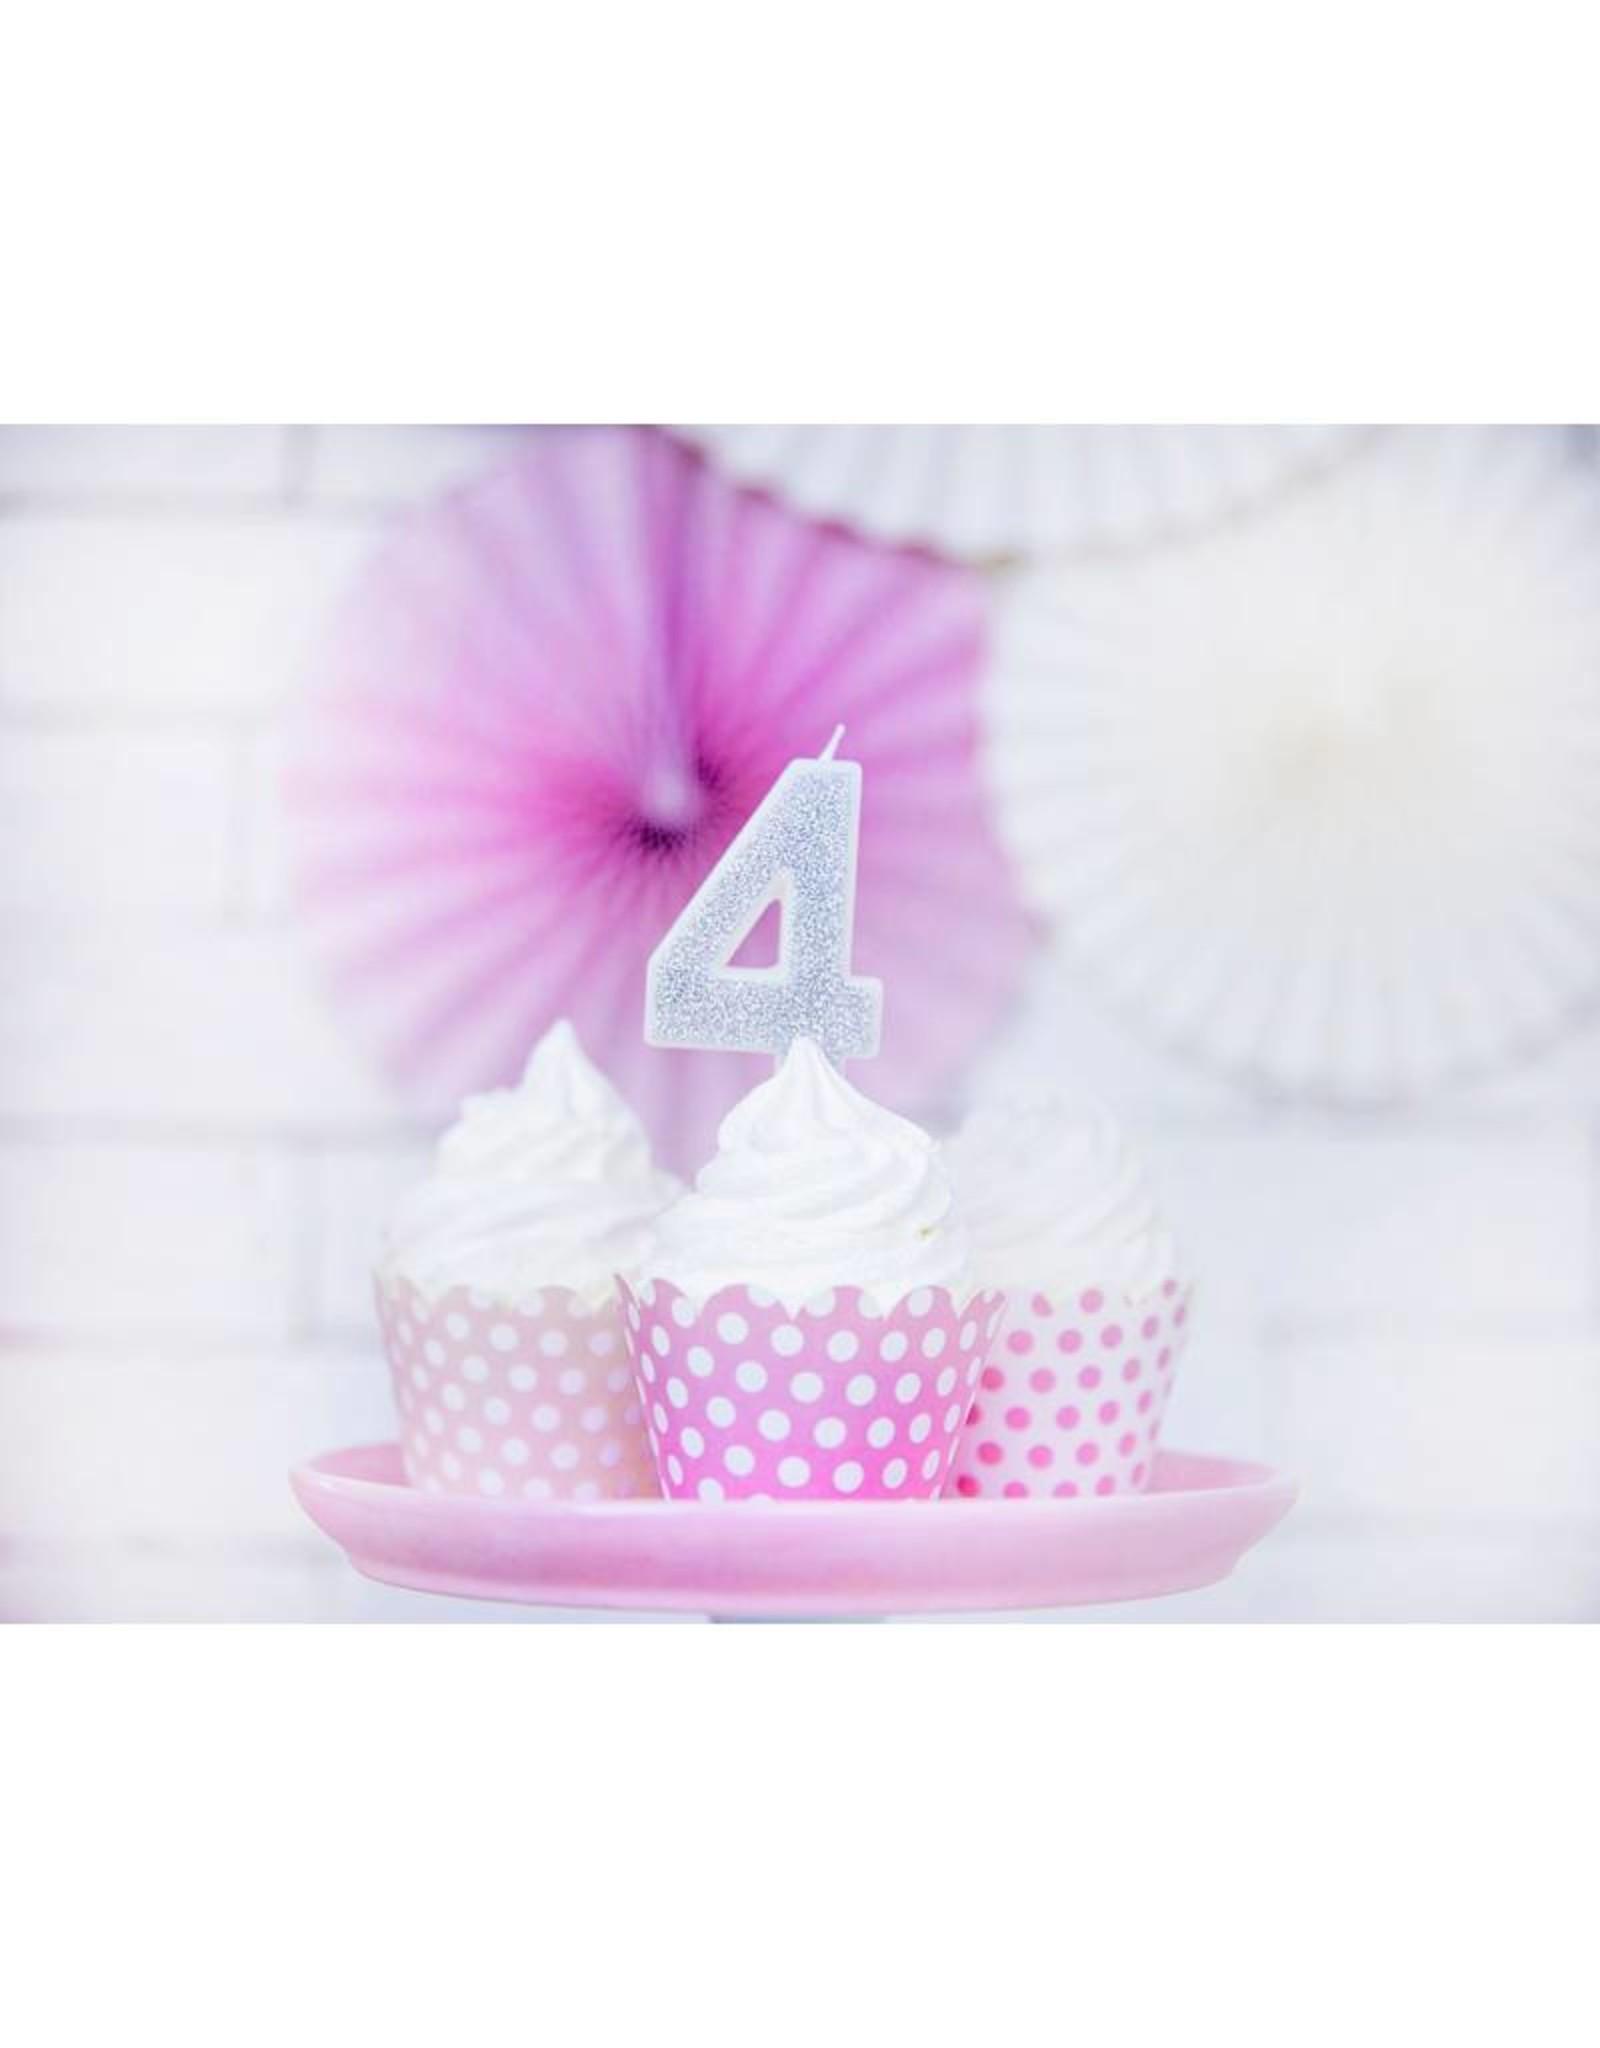 PartyDeco Verjaardagskaarsje zilver & glitter | cijfer 4